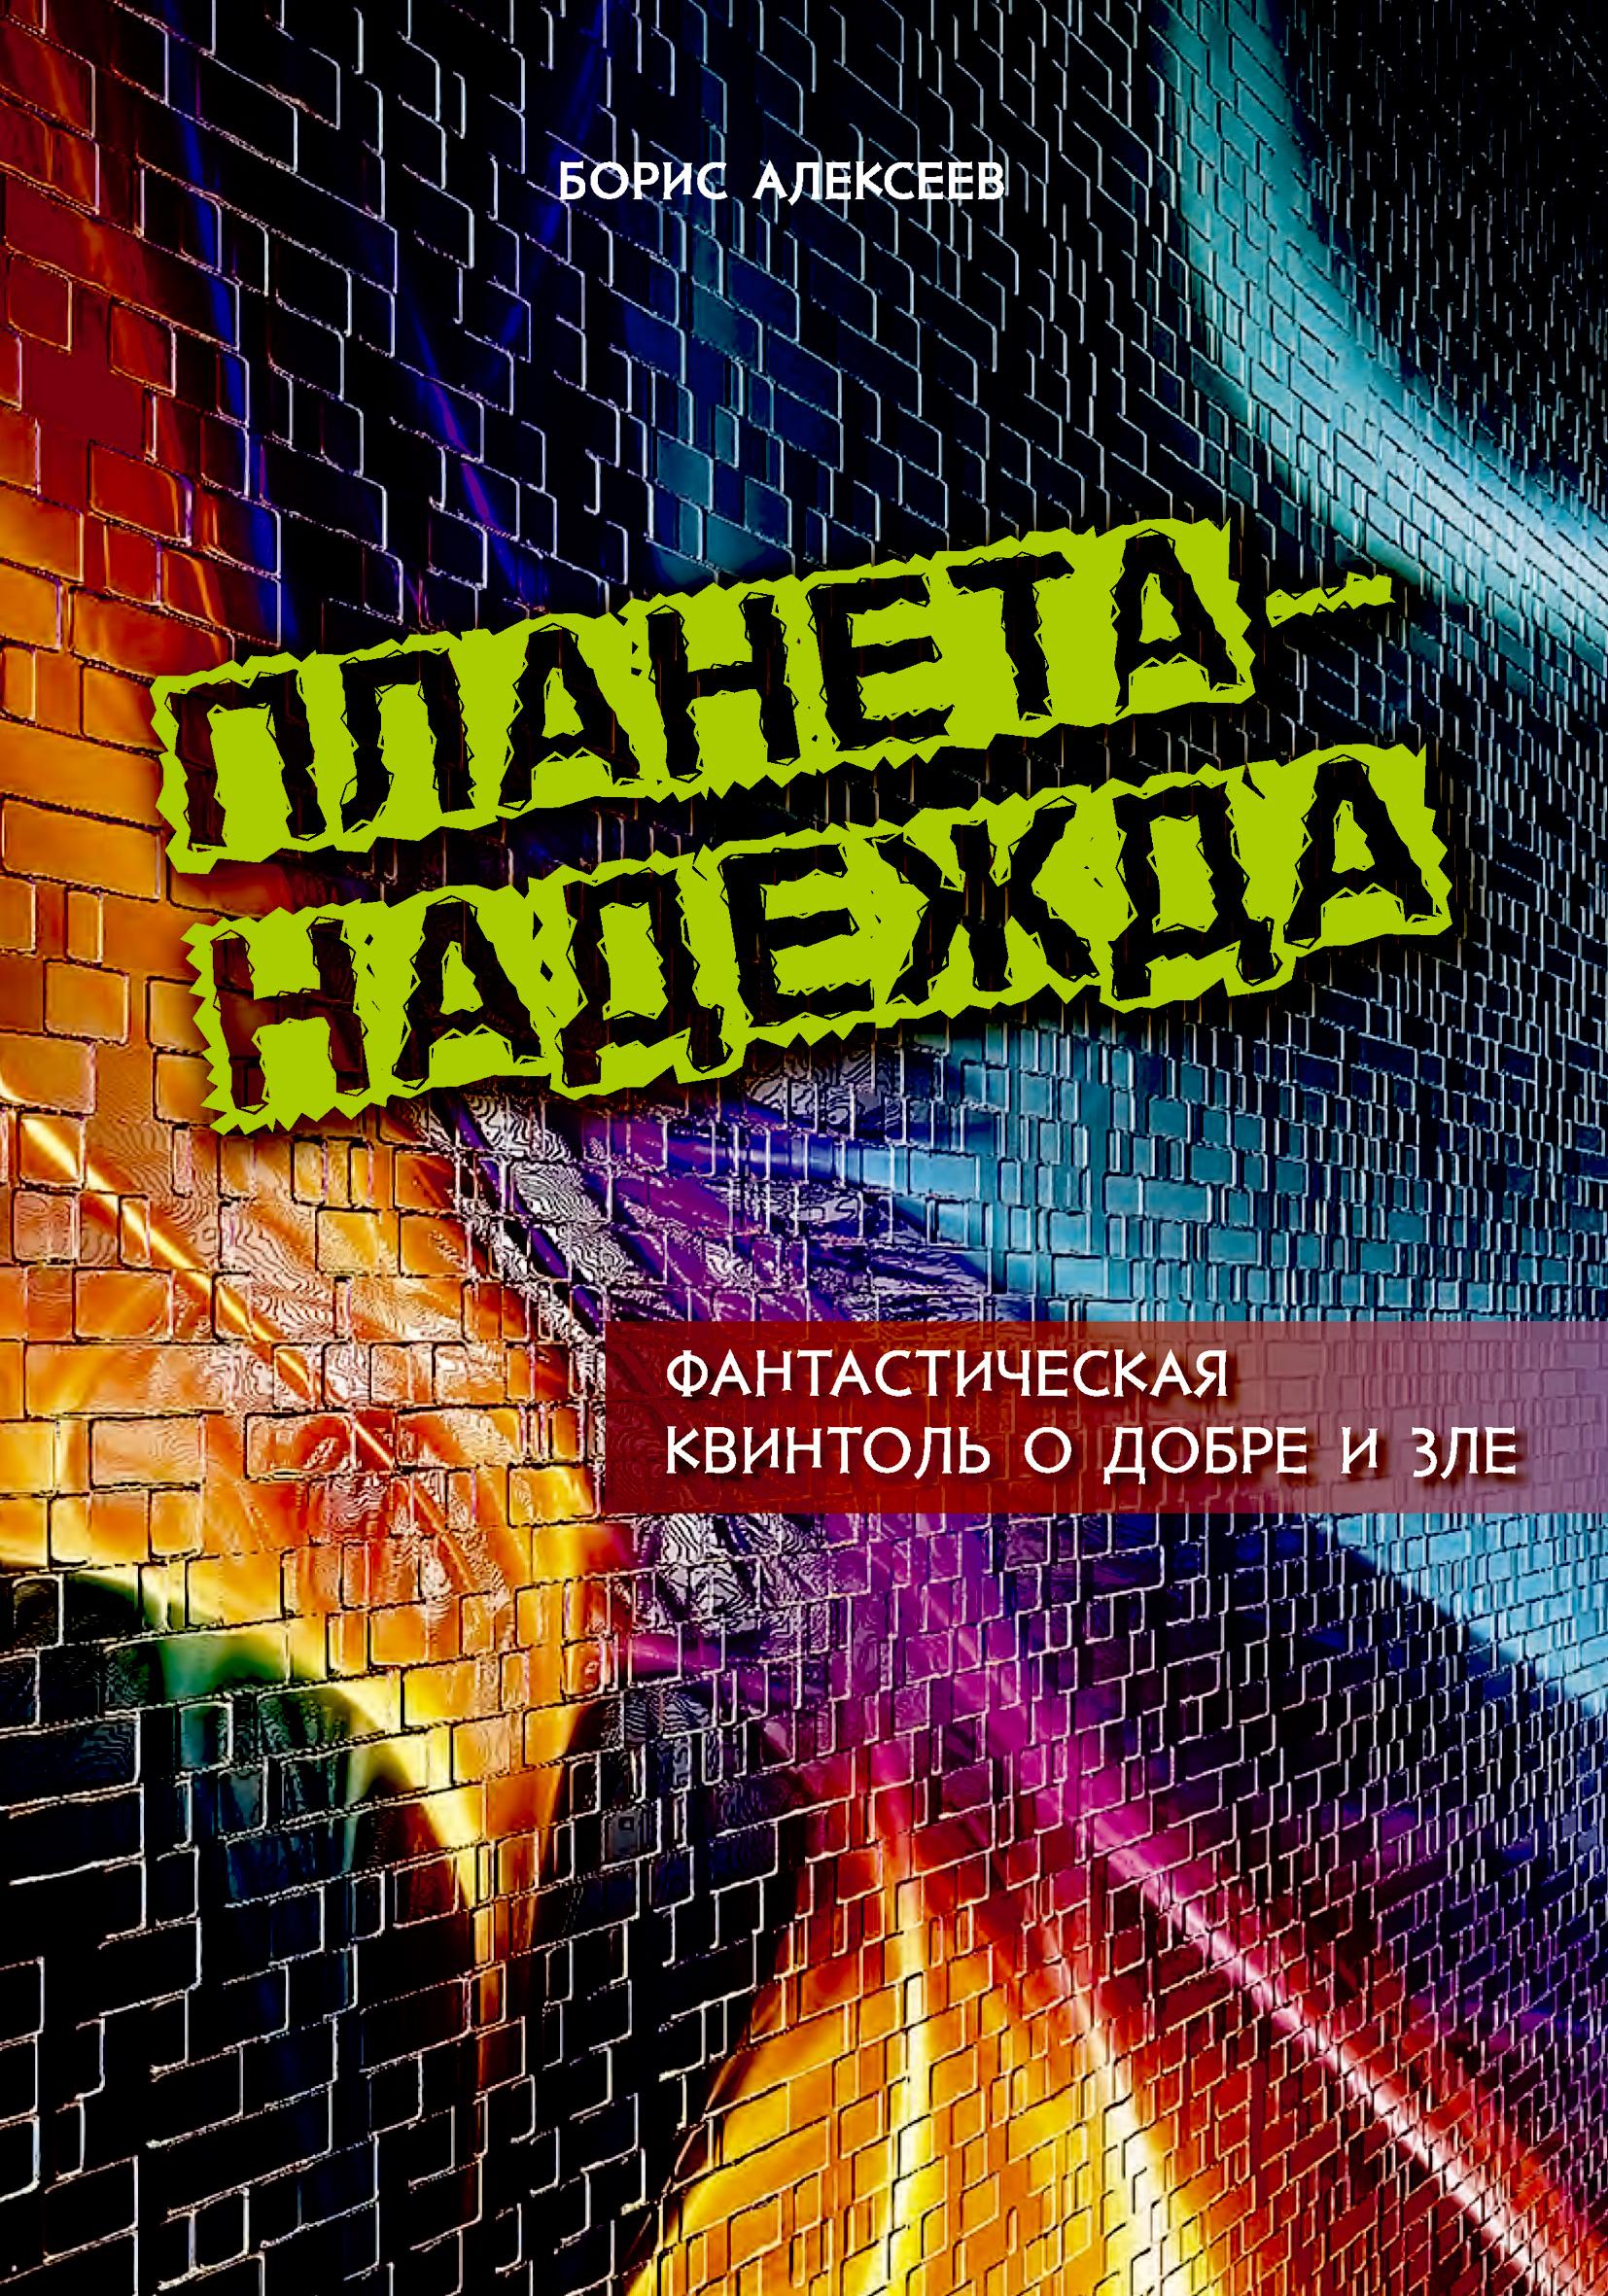 Борис Алексеев Планета – надежда. Фантастическая квинтоль о добре и зле